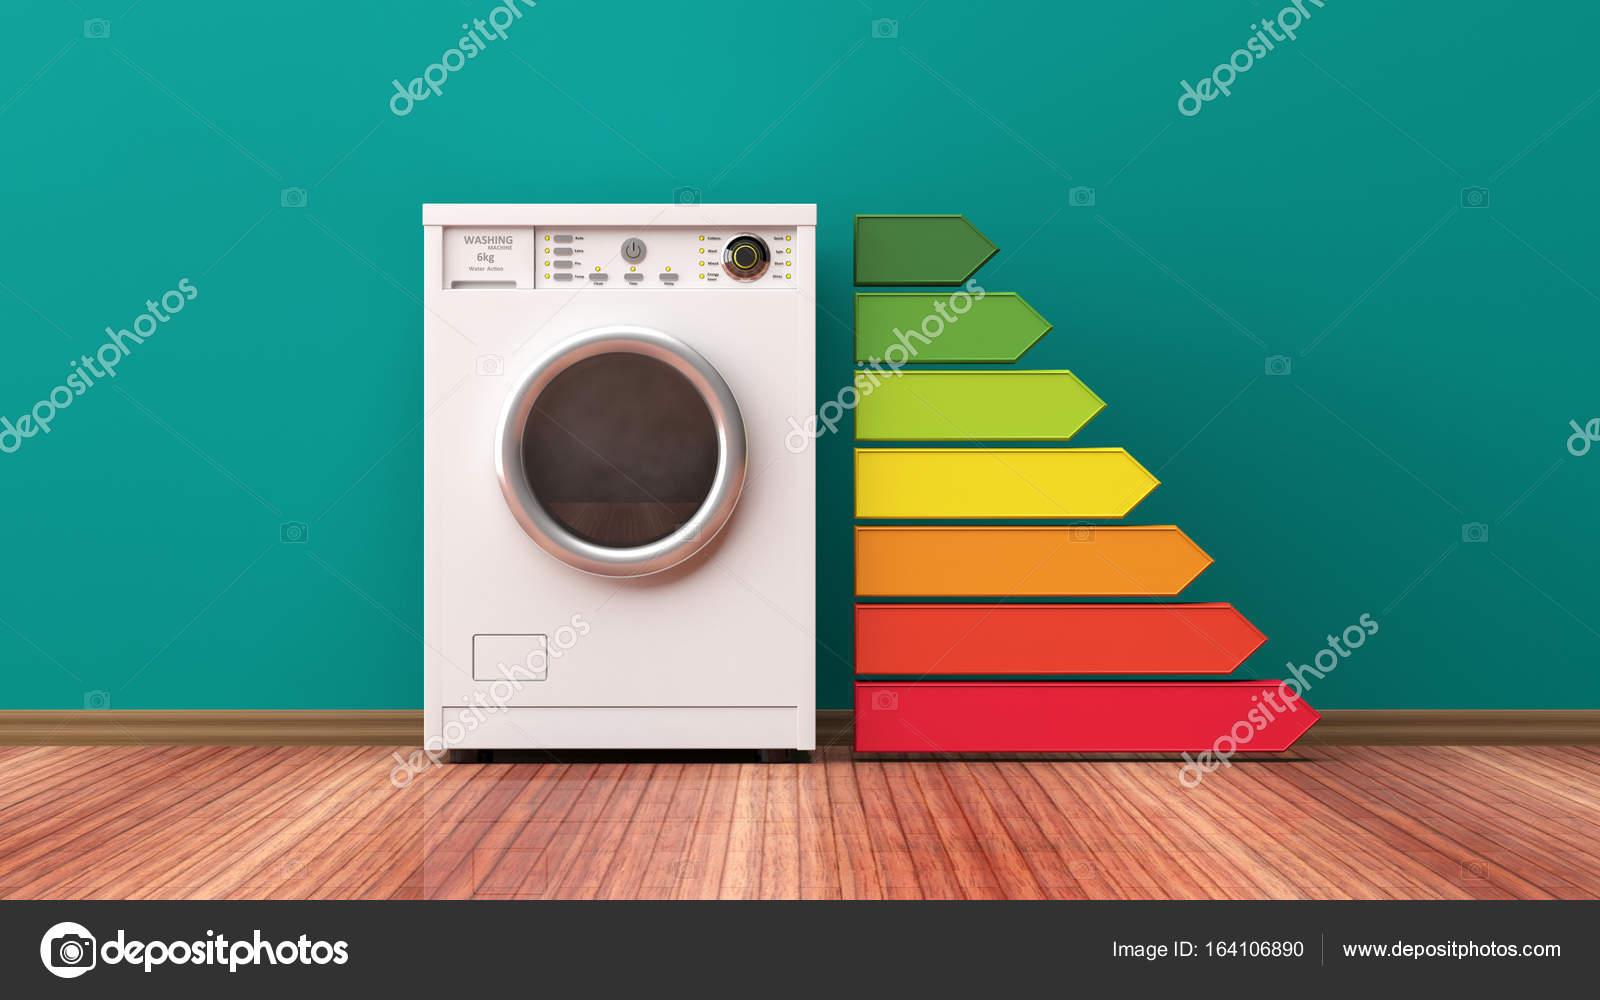 Waschmaschine Maschine Und Energieeffizienzklasse 3d Illustration